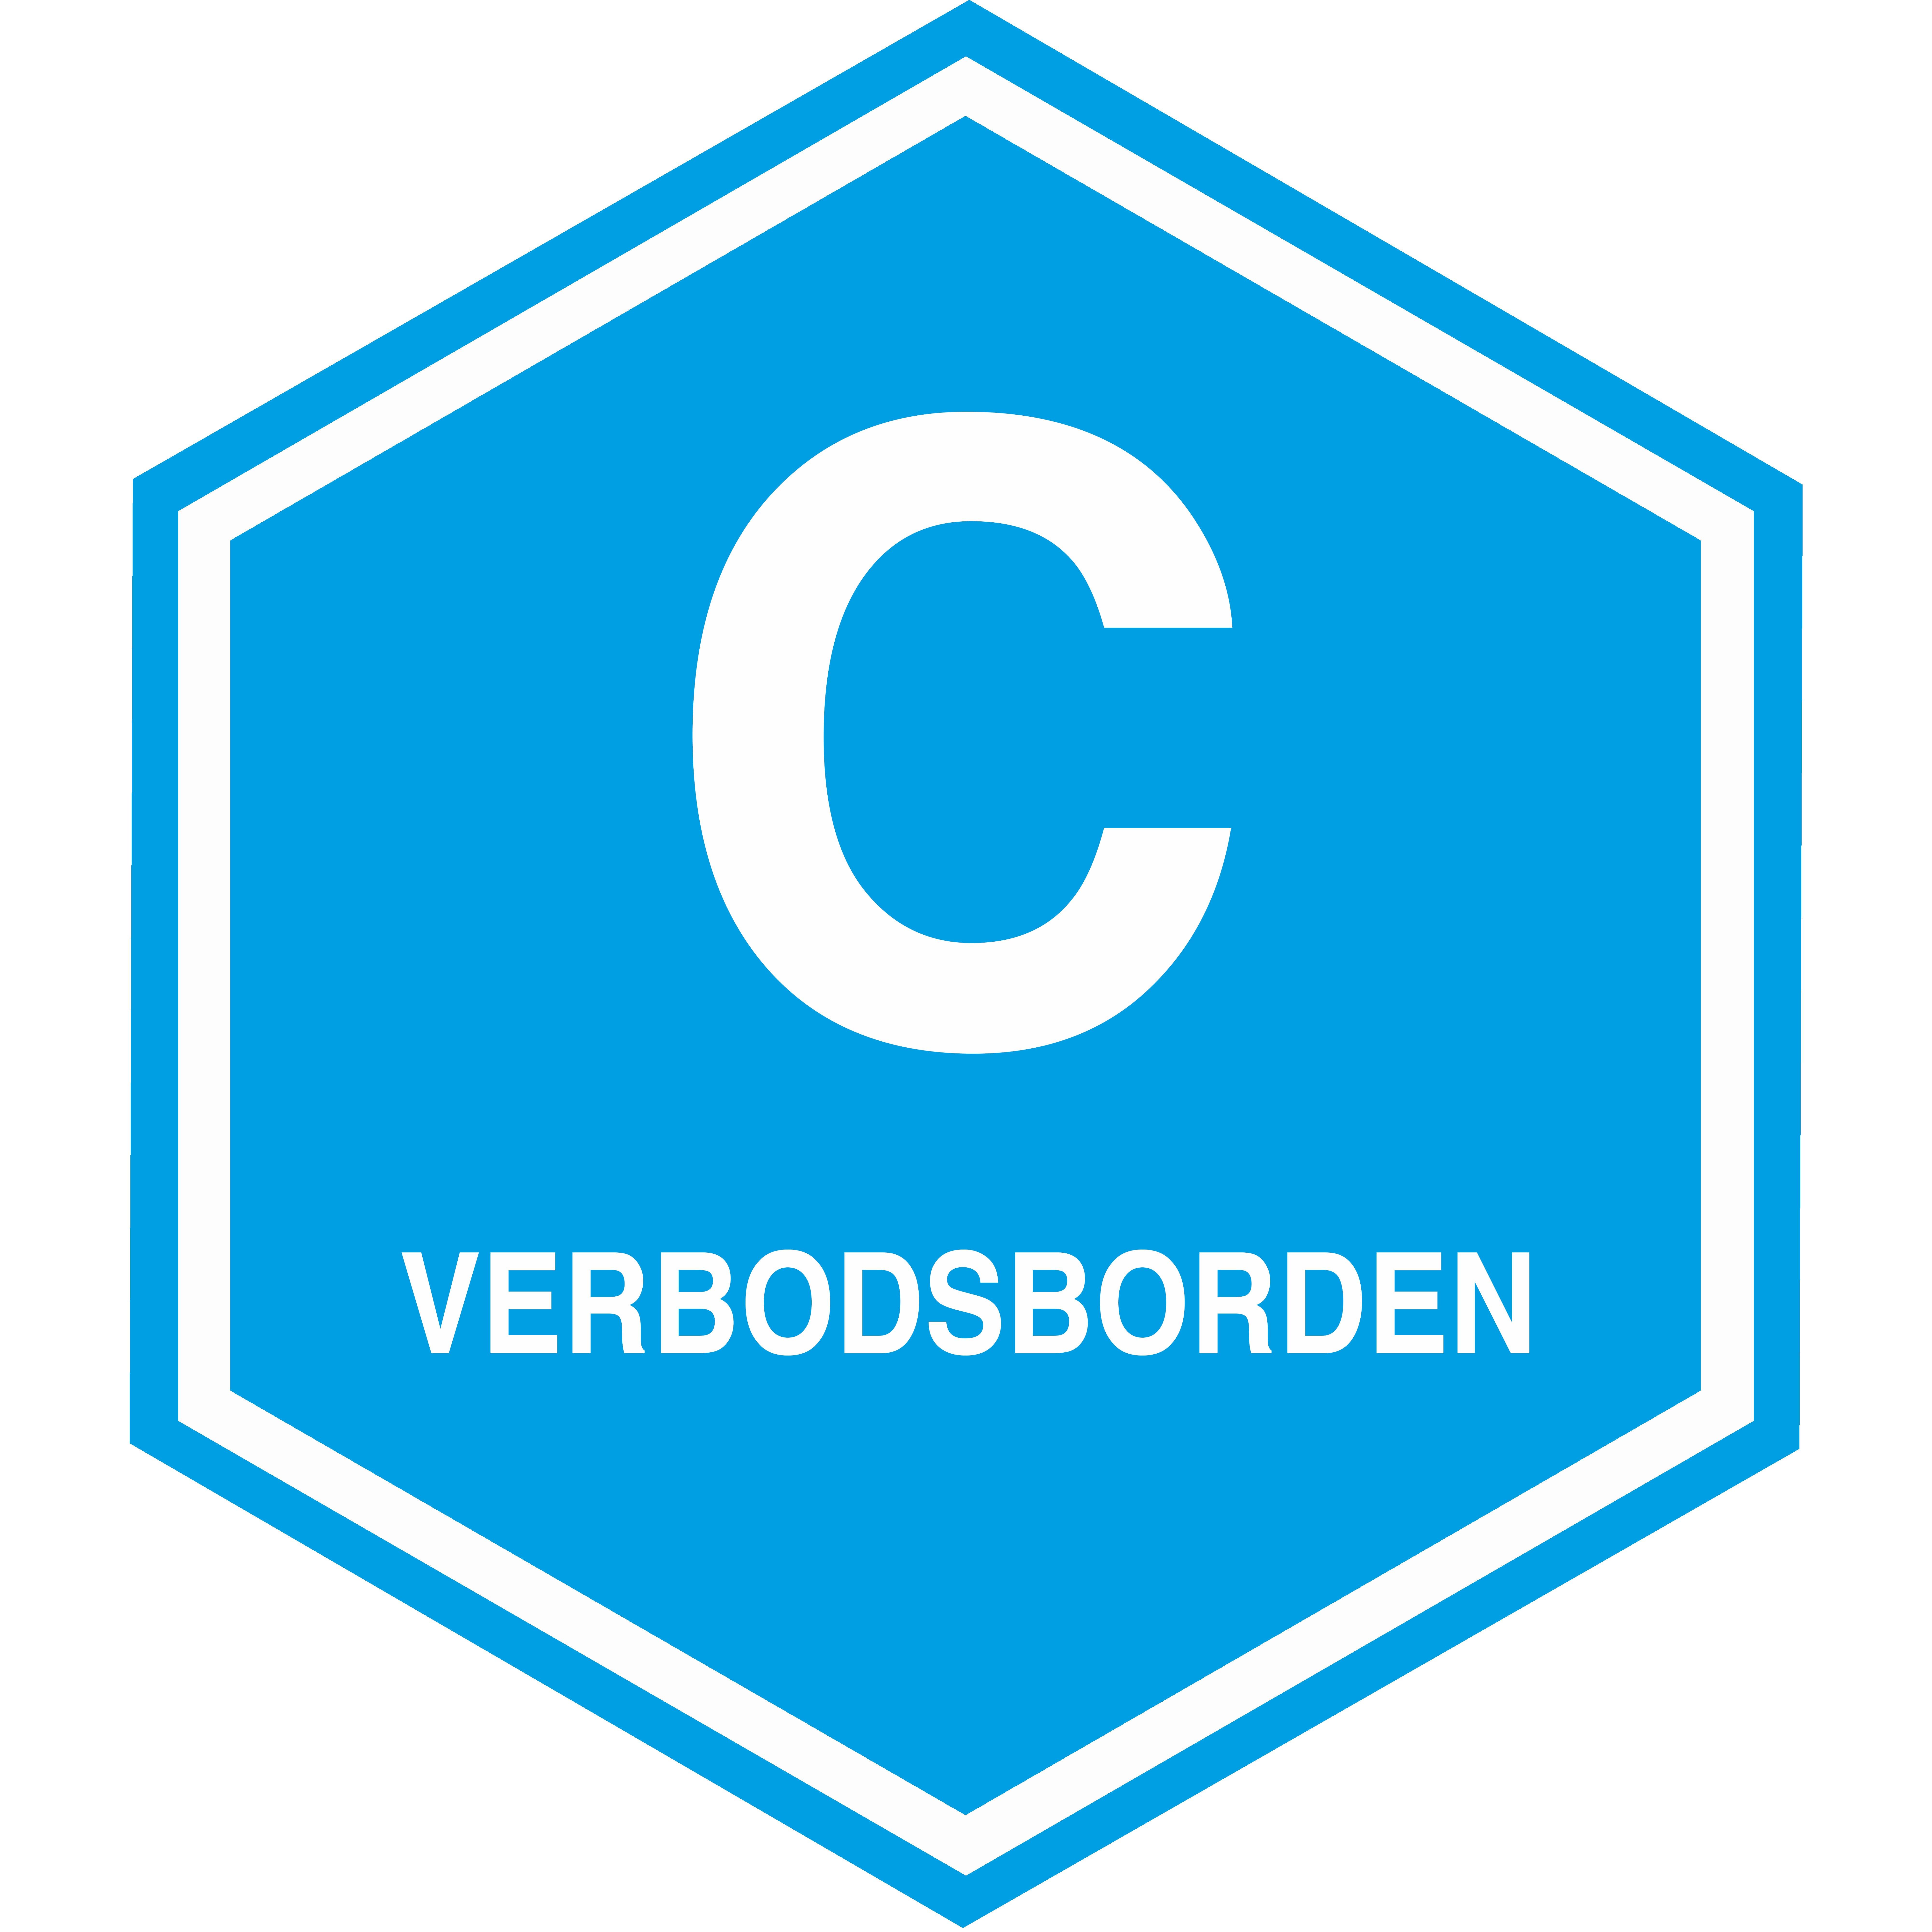 C VERBODSBORDEN